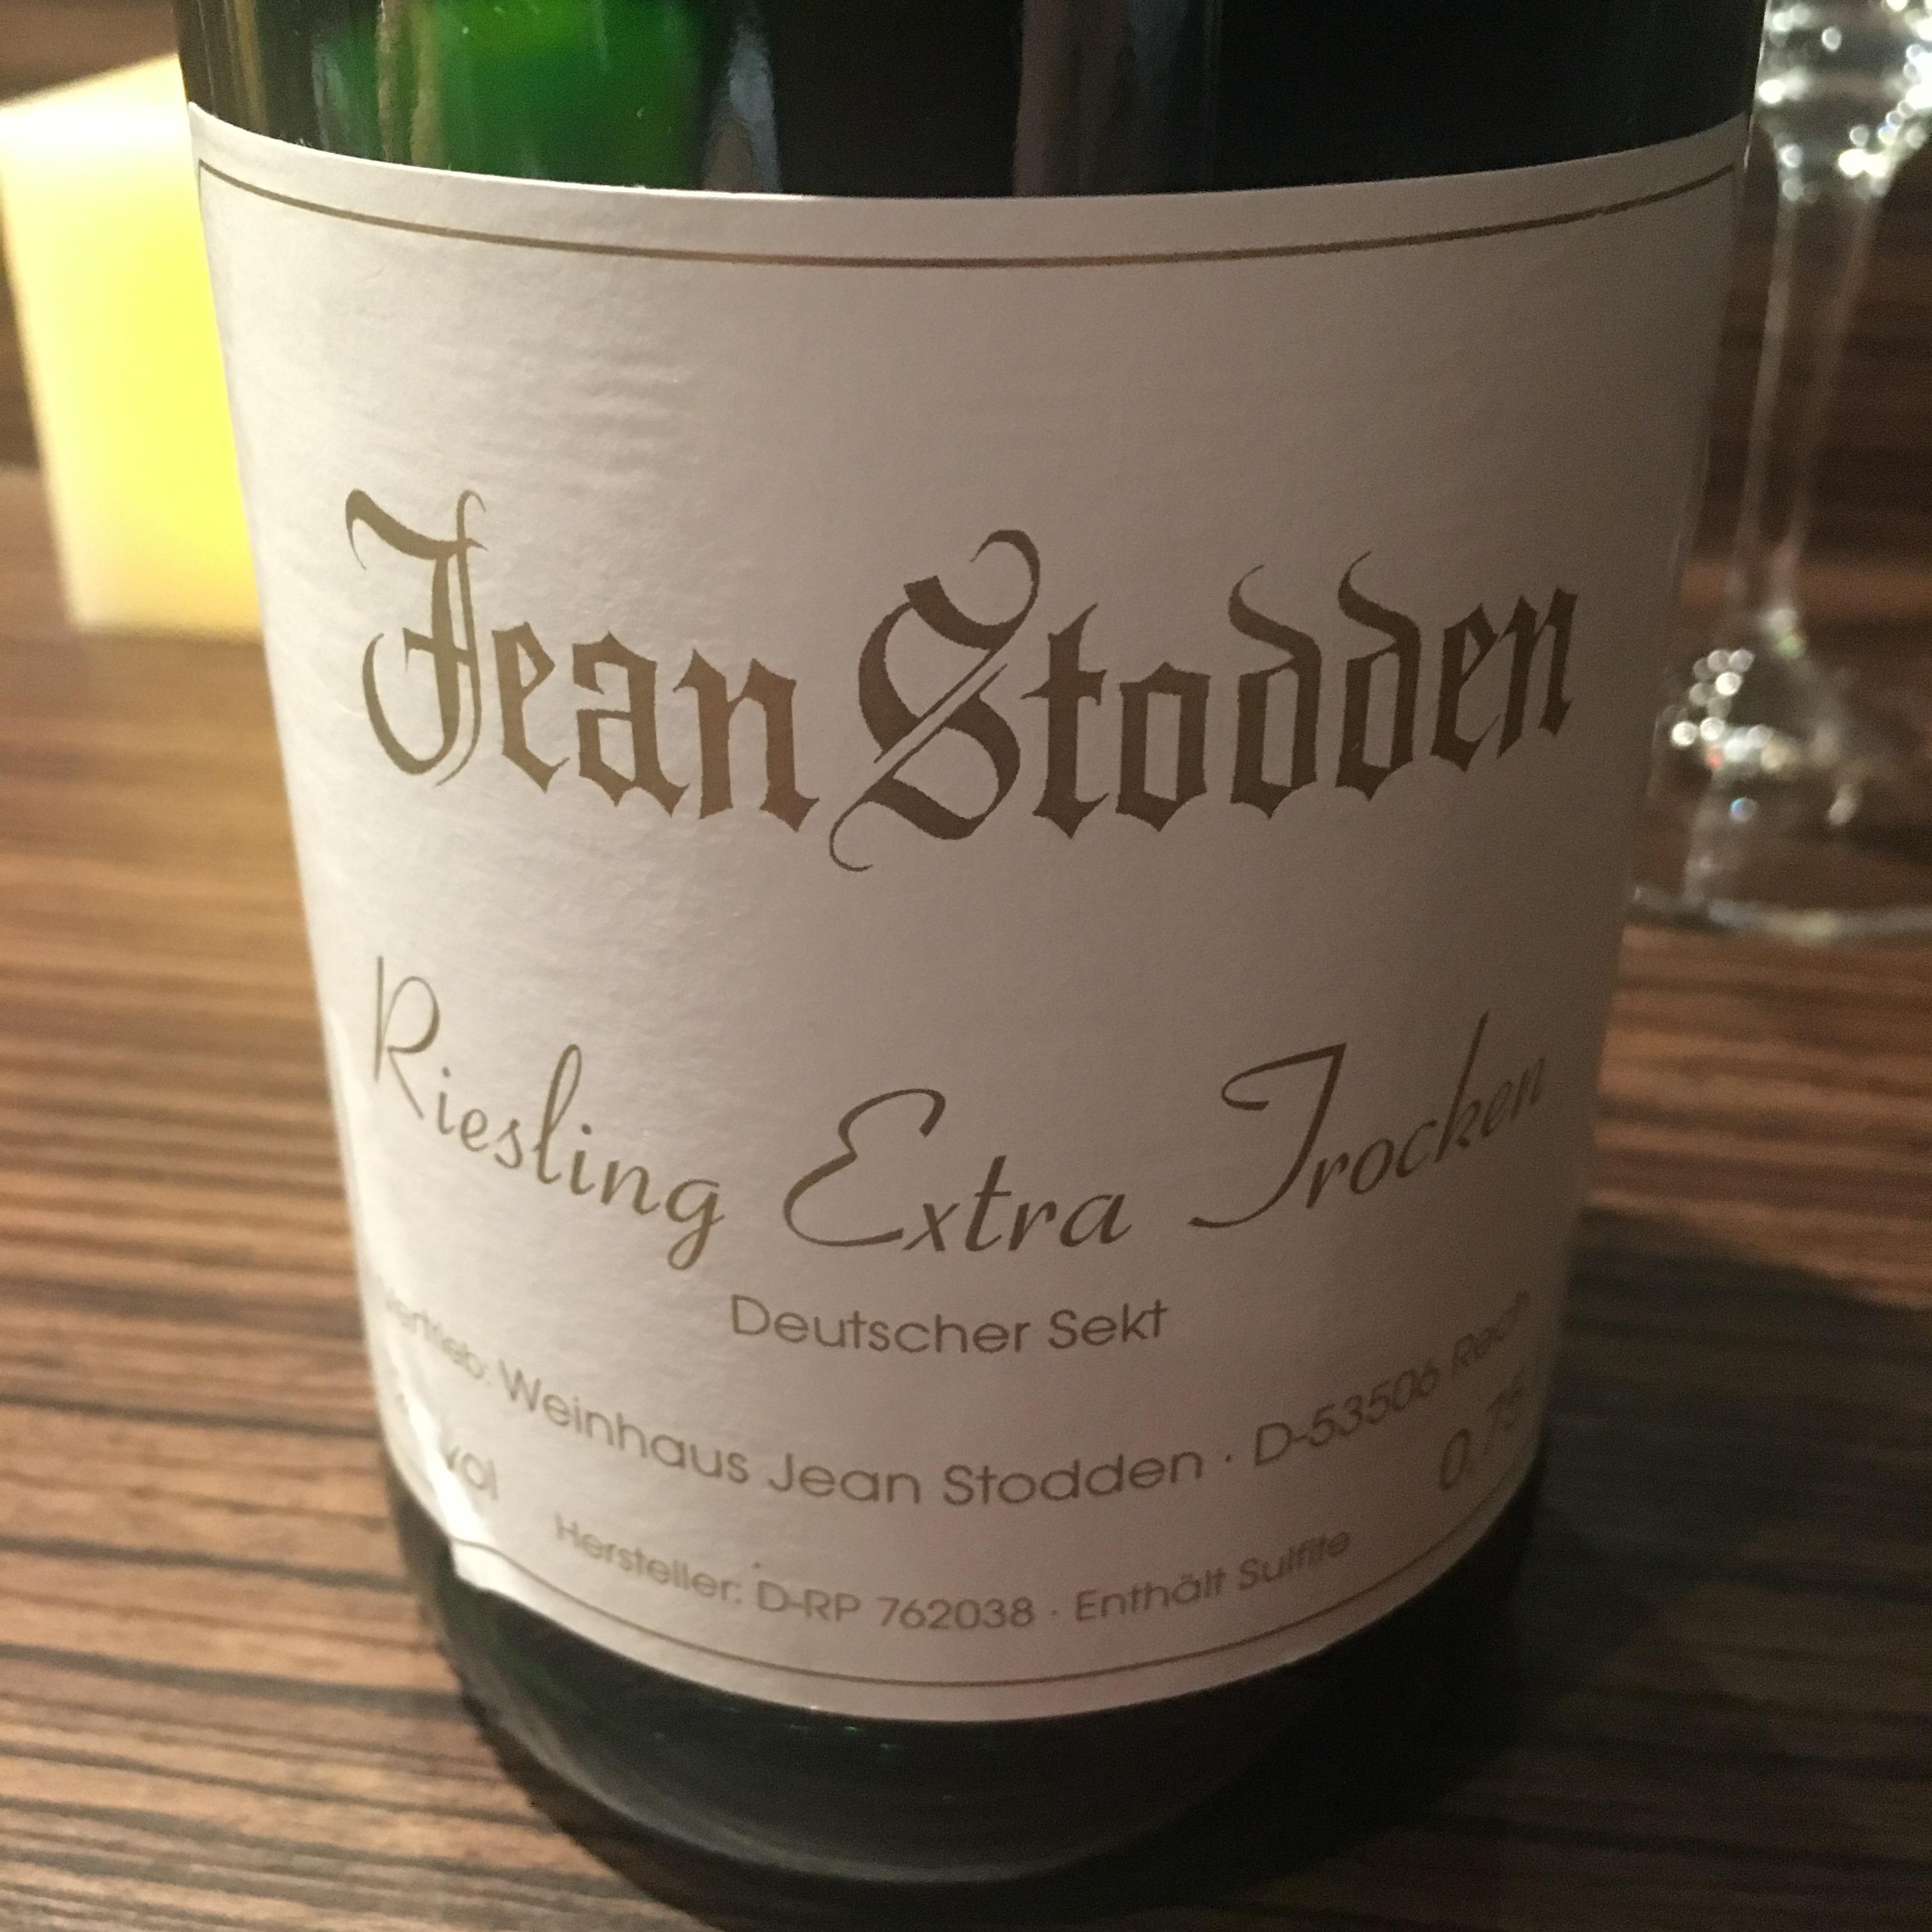 Jean Stodden Riesling Extra Troken